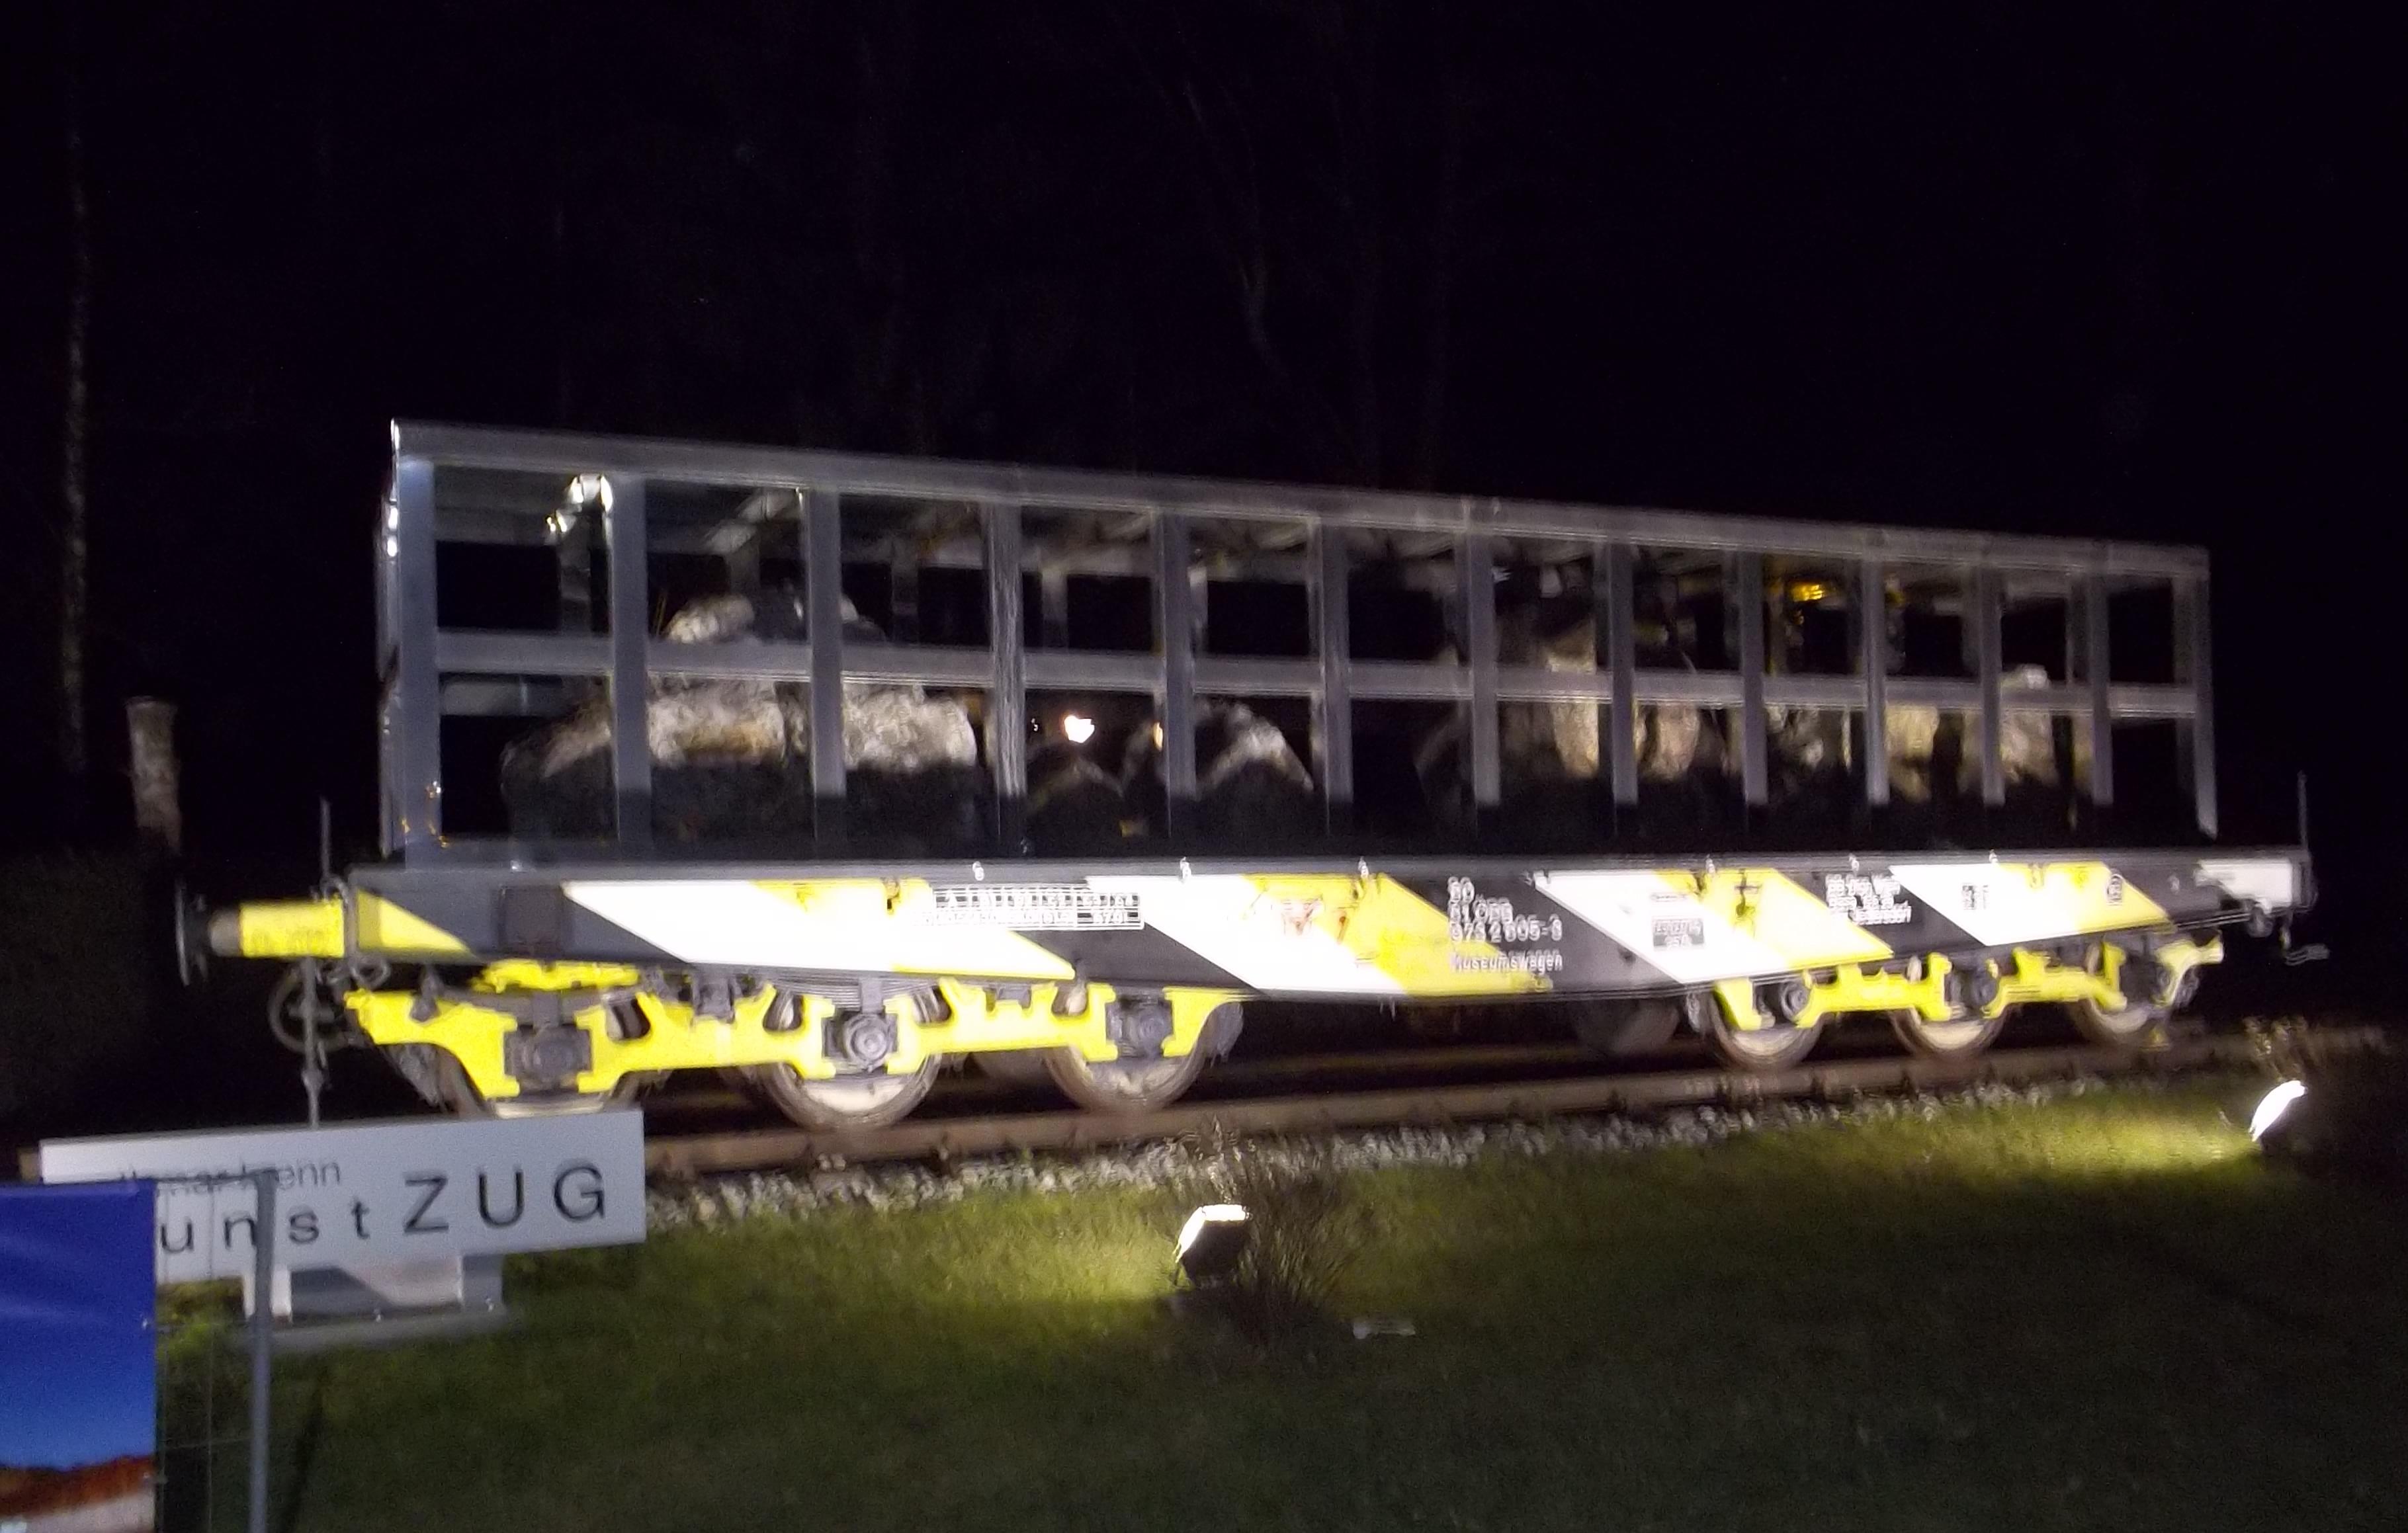 Tschut Tschut ein Zug